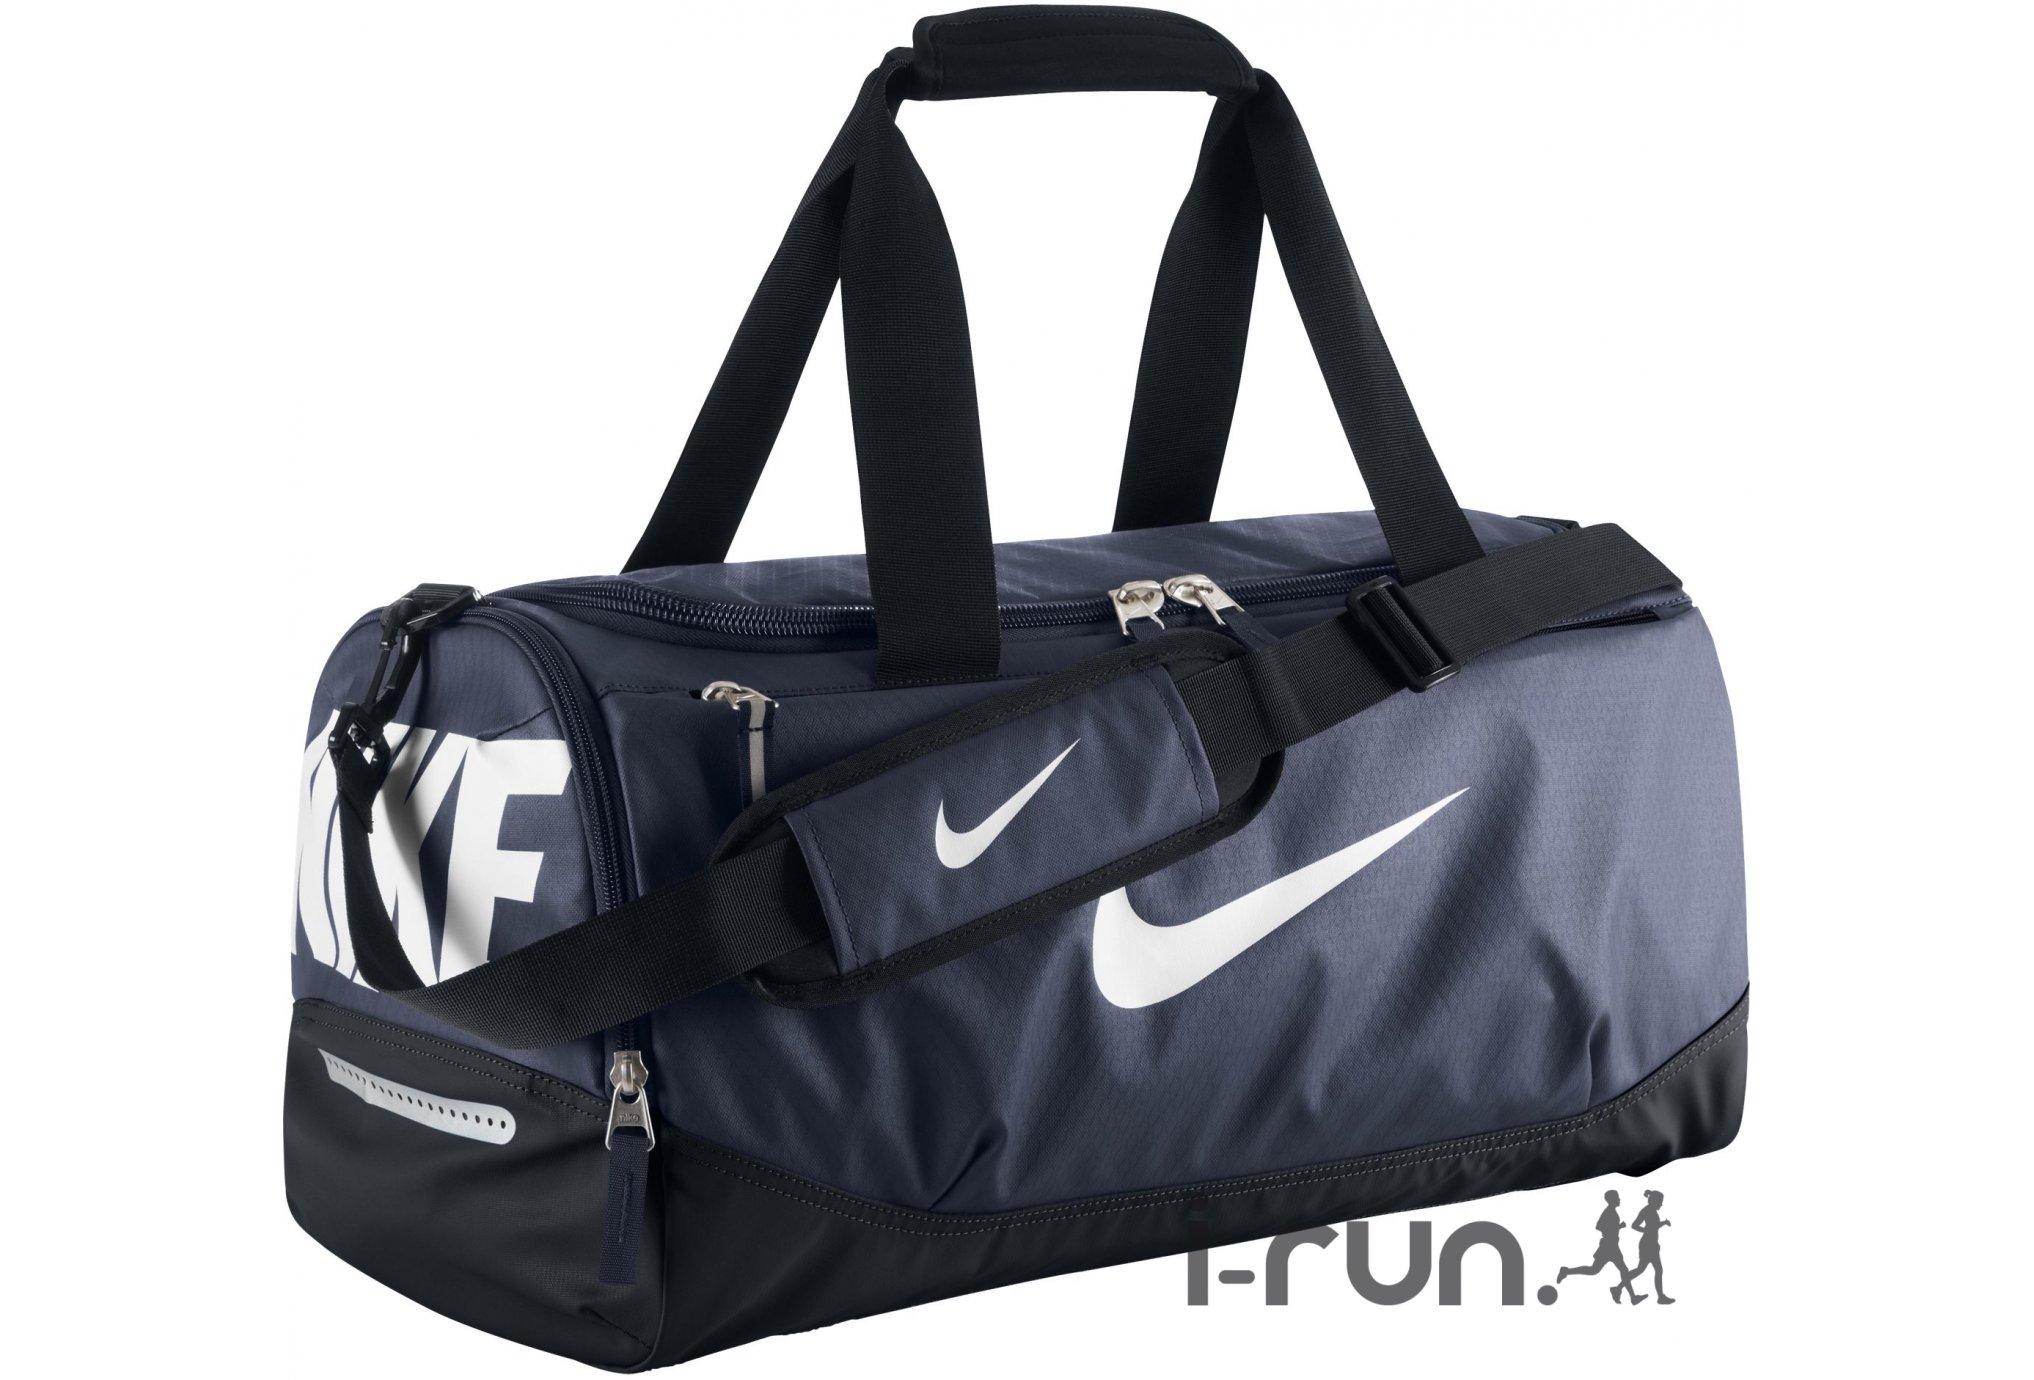 dca60e610f46 Купить Спортивные сумки в интернет-магазине ...